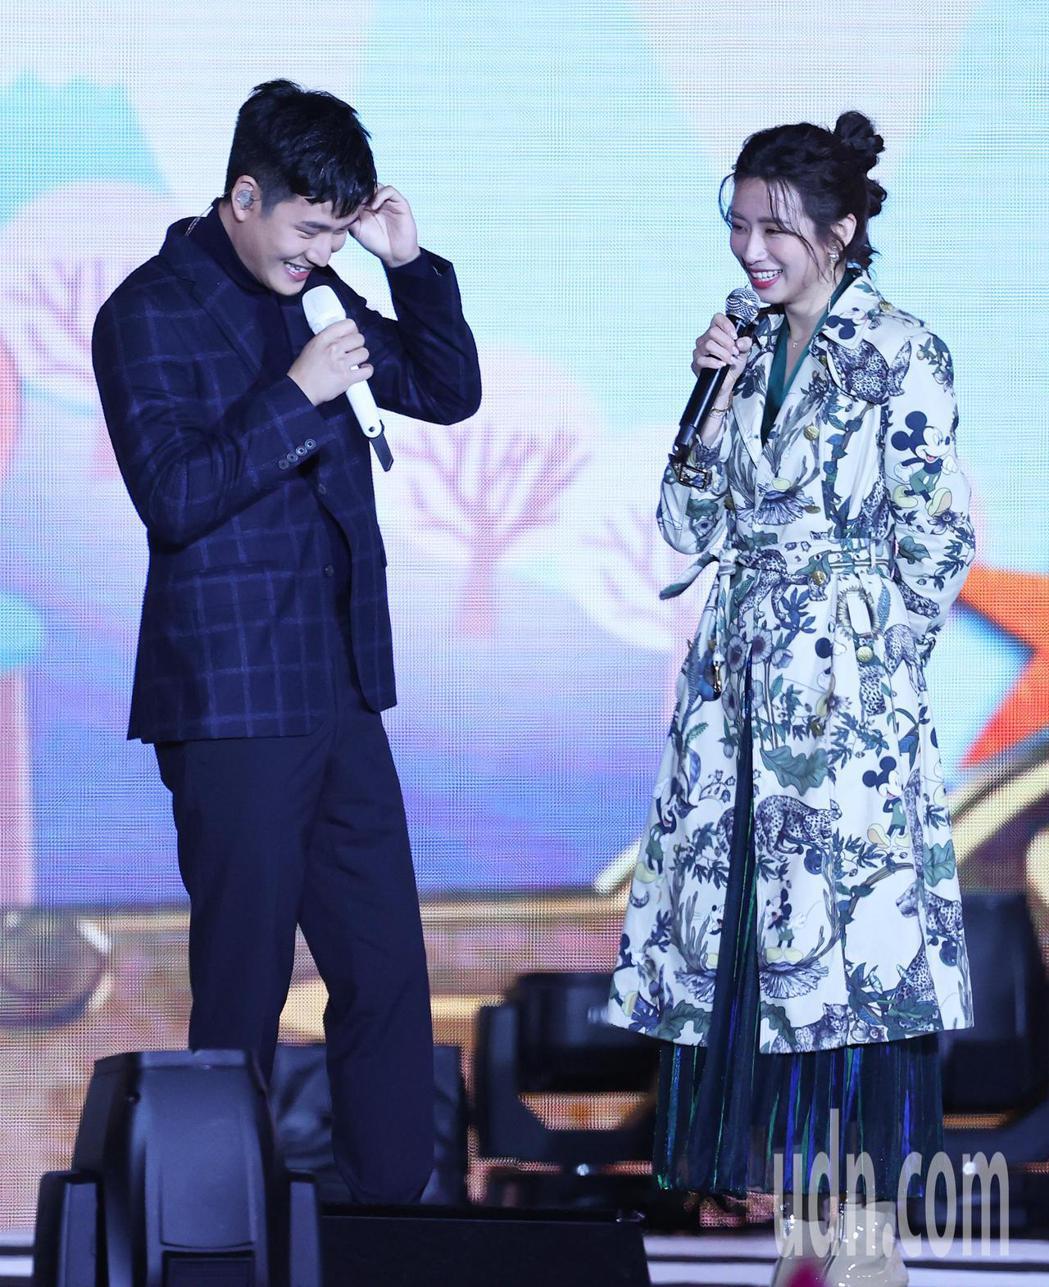 新北耶誕城演唱會,歌手周興哲(左)與舊愛主持人趙岱新(右)在舞台上相互擁抱致意,...